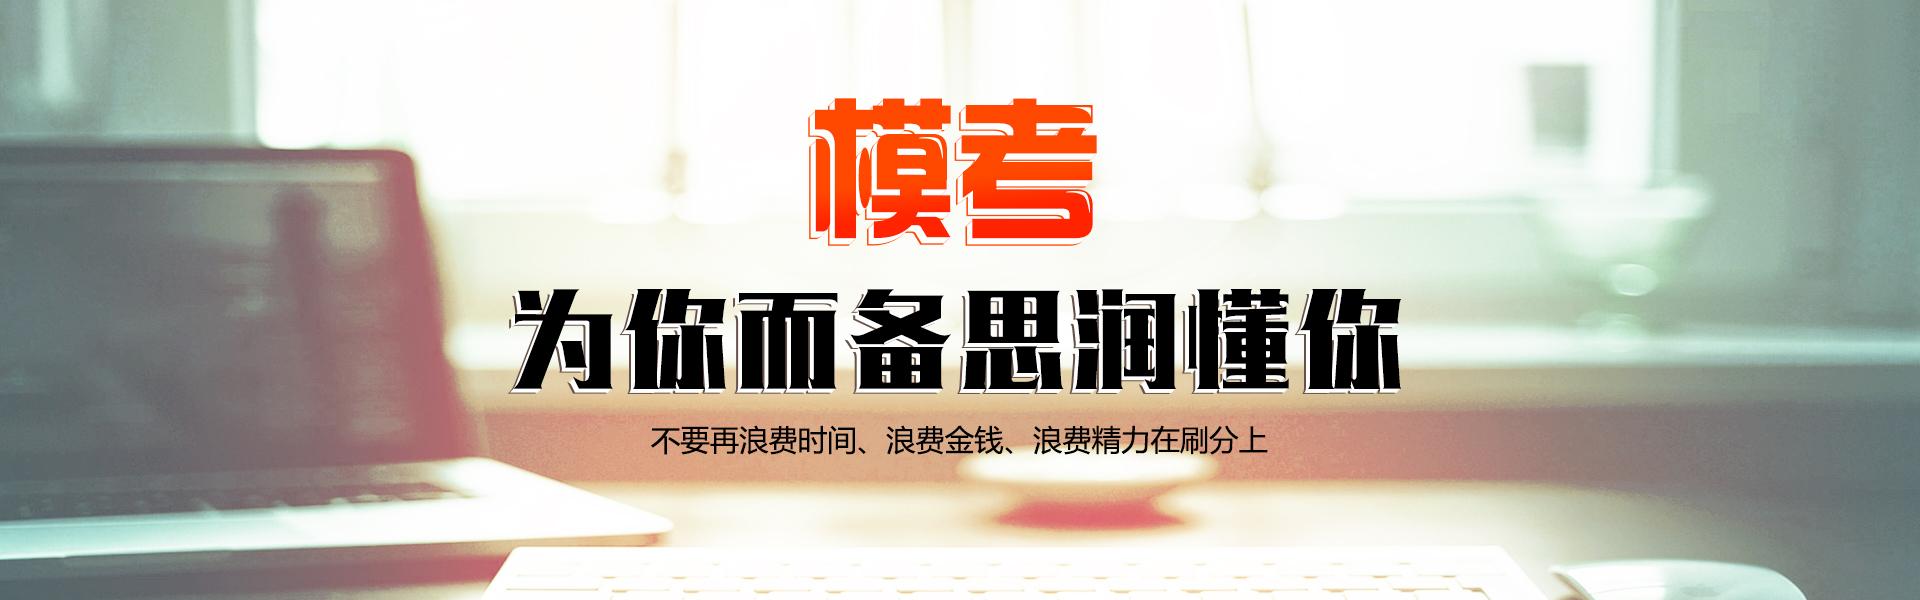 思润西安雅思培训banner